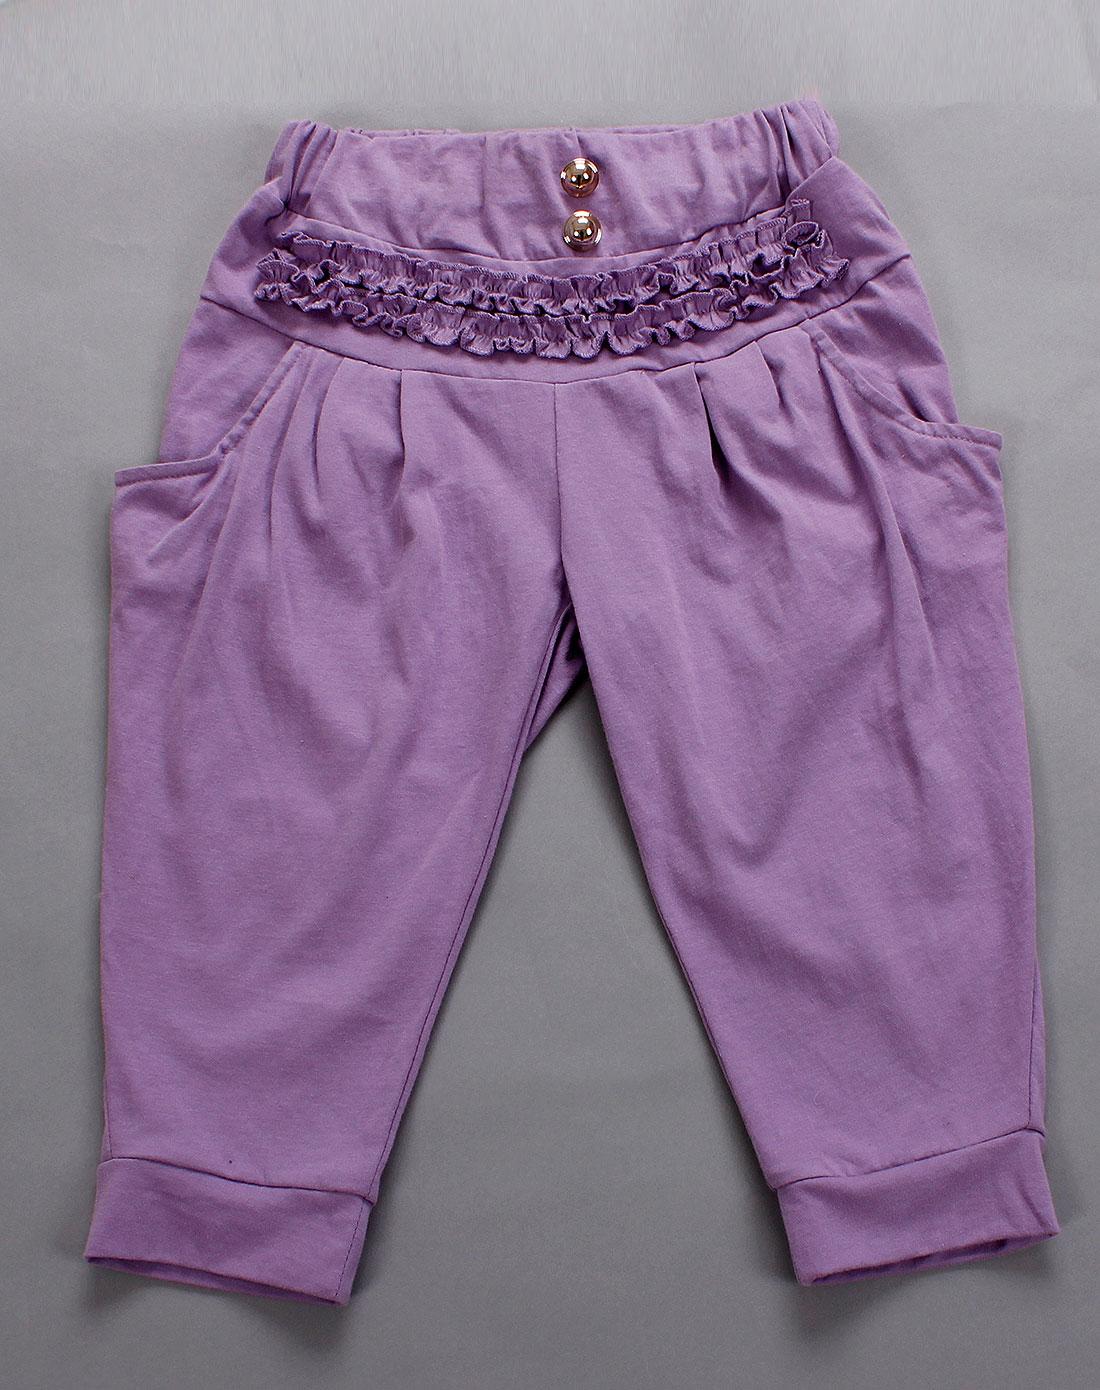 艾伊宝aiyibao男女童女童紫色针织裤子22900307